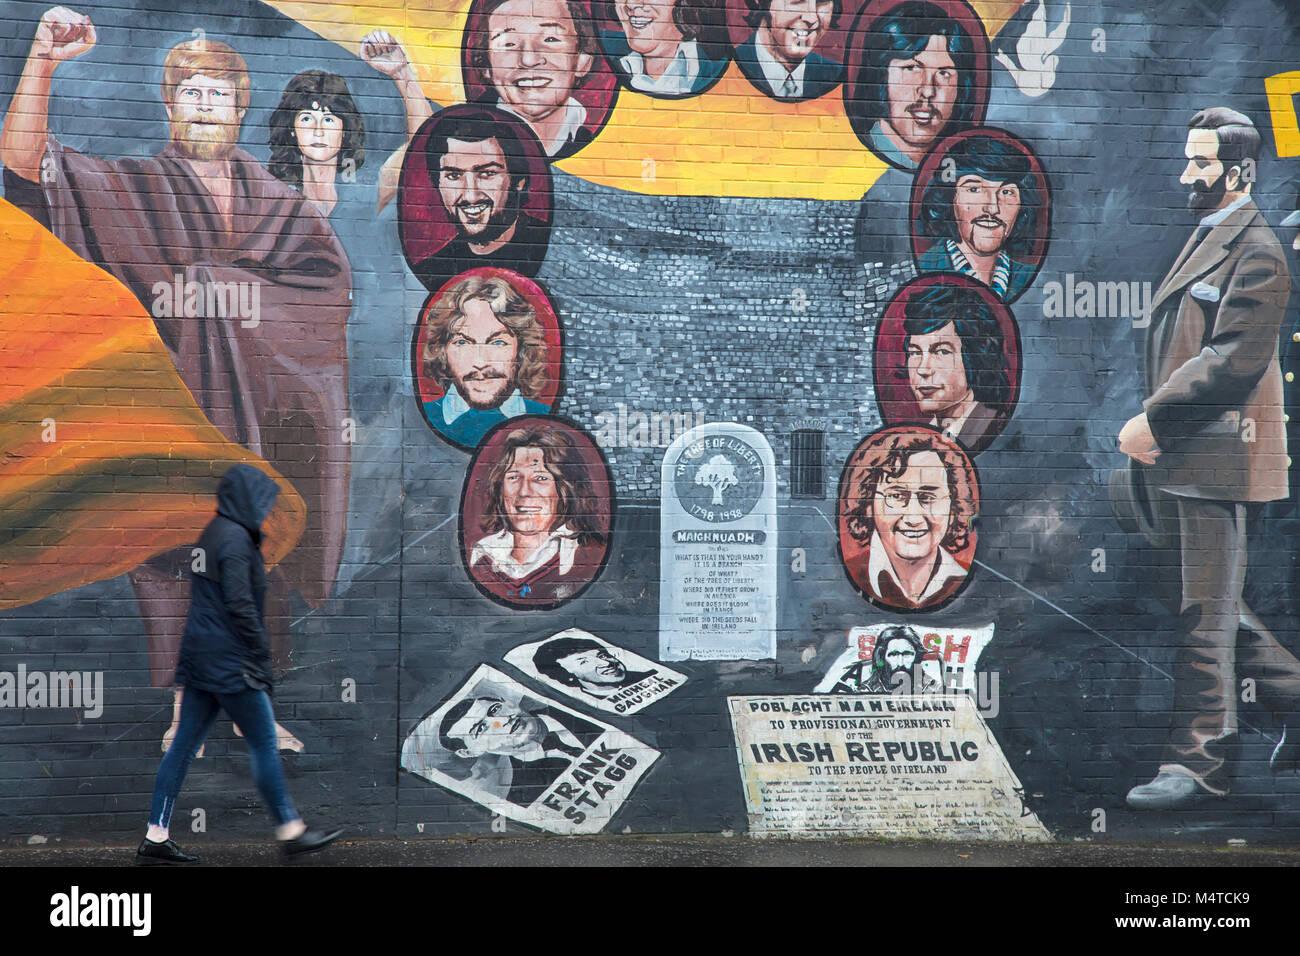 Fresque républicaine commémorant la grève de la faim, Falls Road, Belfast, pays d'Antrim, Irlande Photo Stock